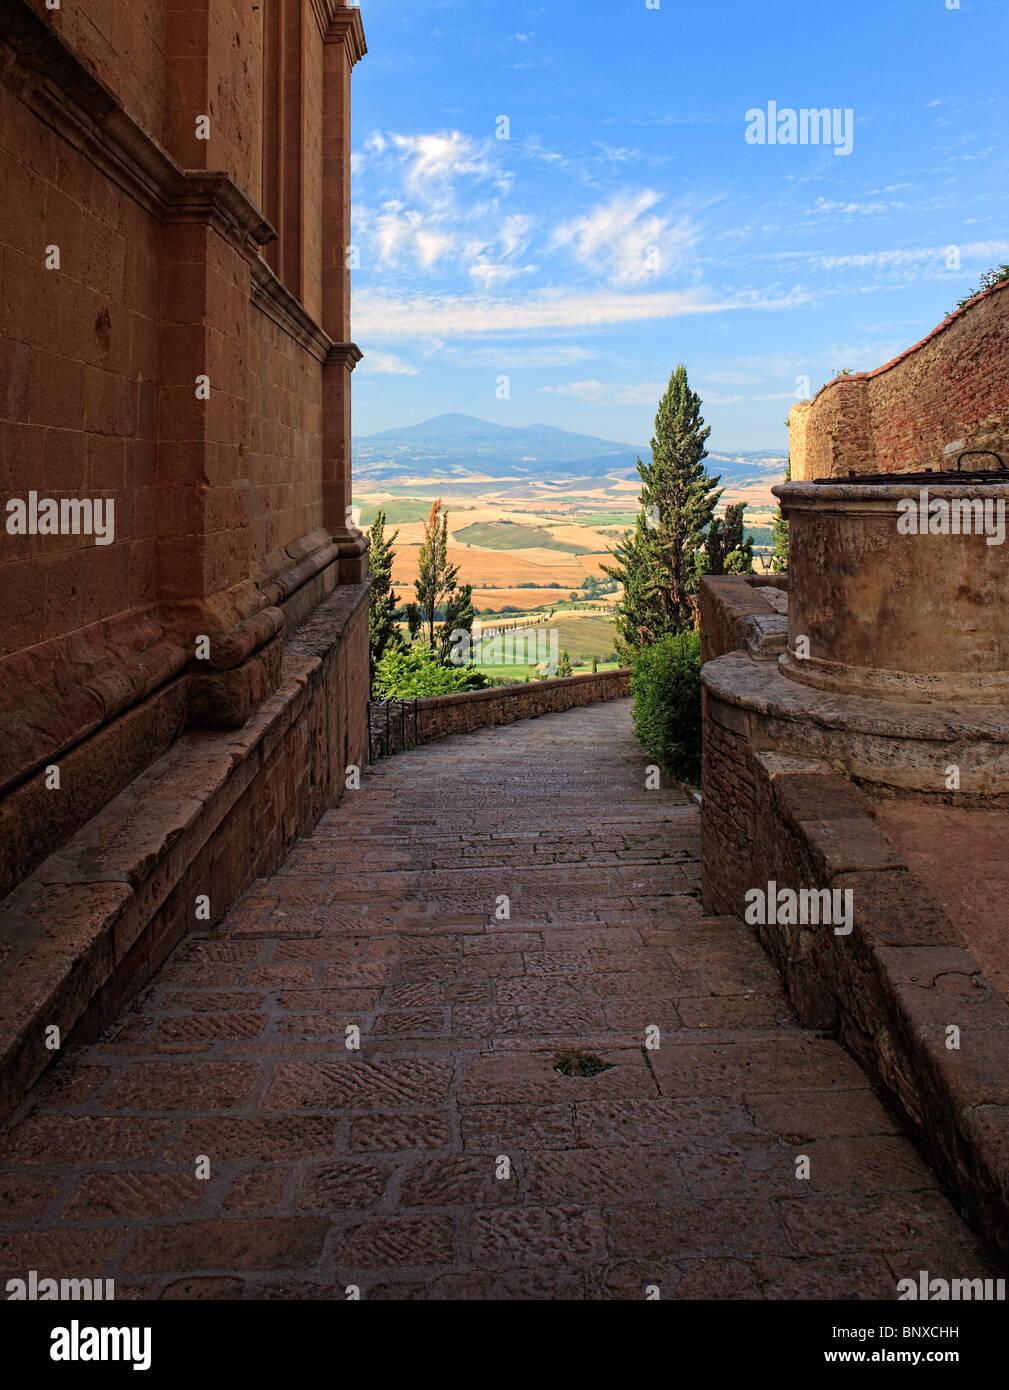 La passerella in Pienza offre viste mozzafiato del circostante paesaggio toscano Immagini Stock